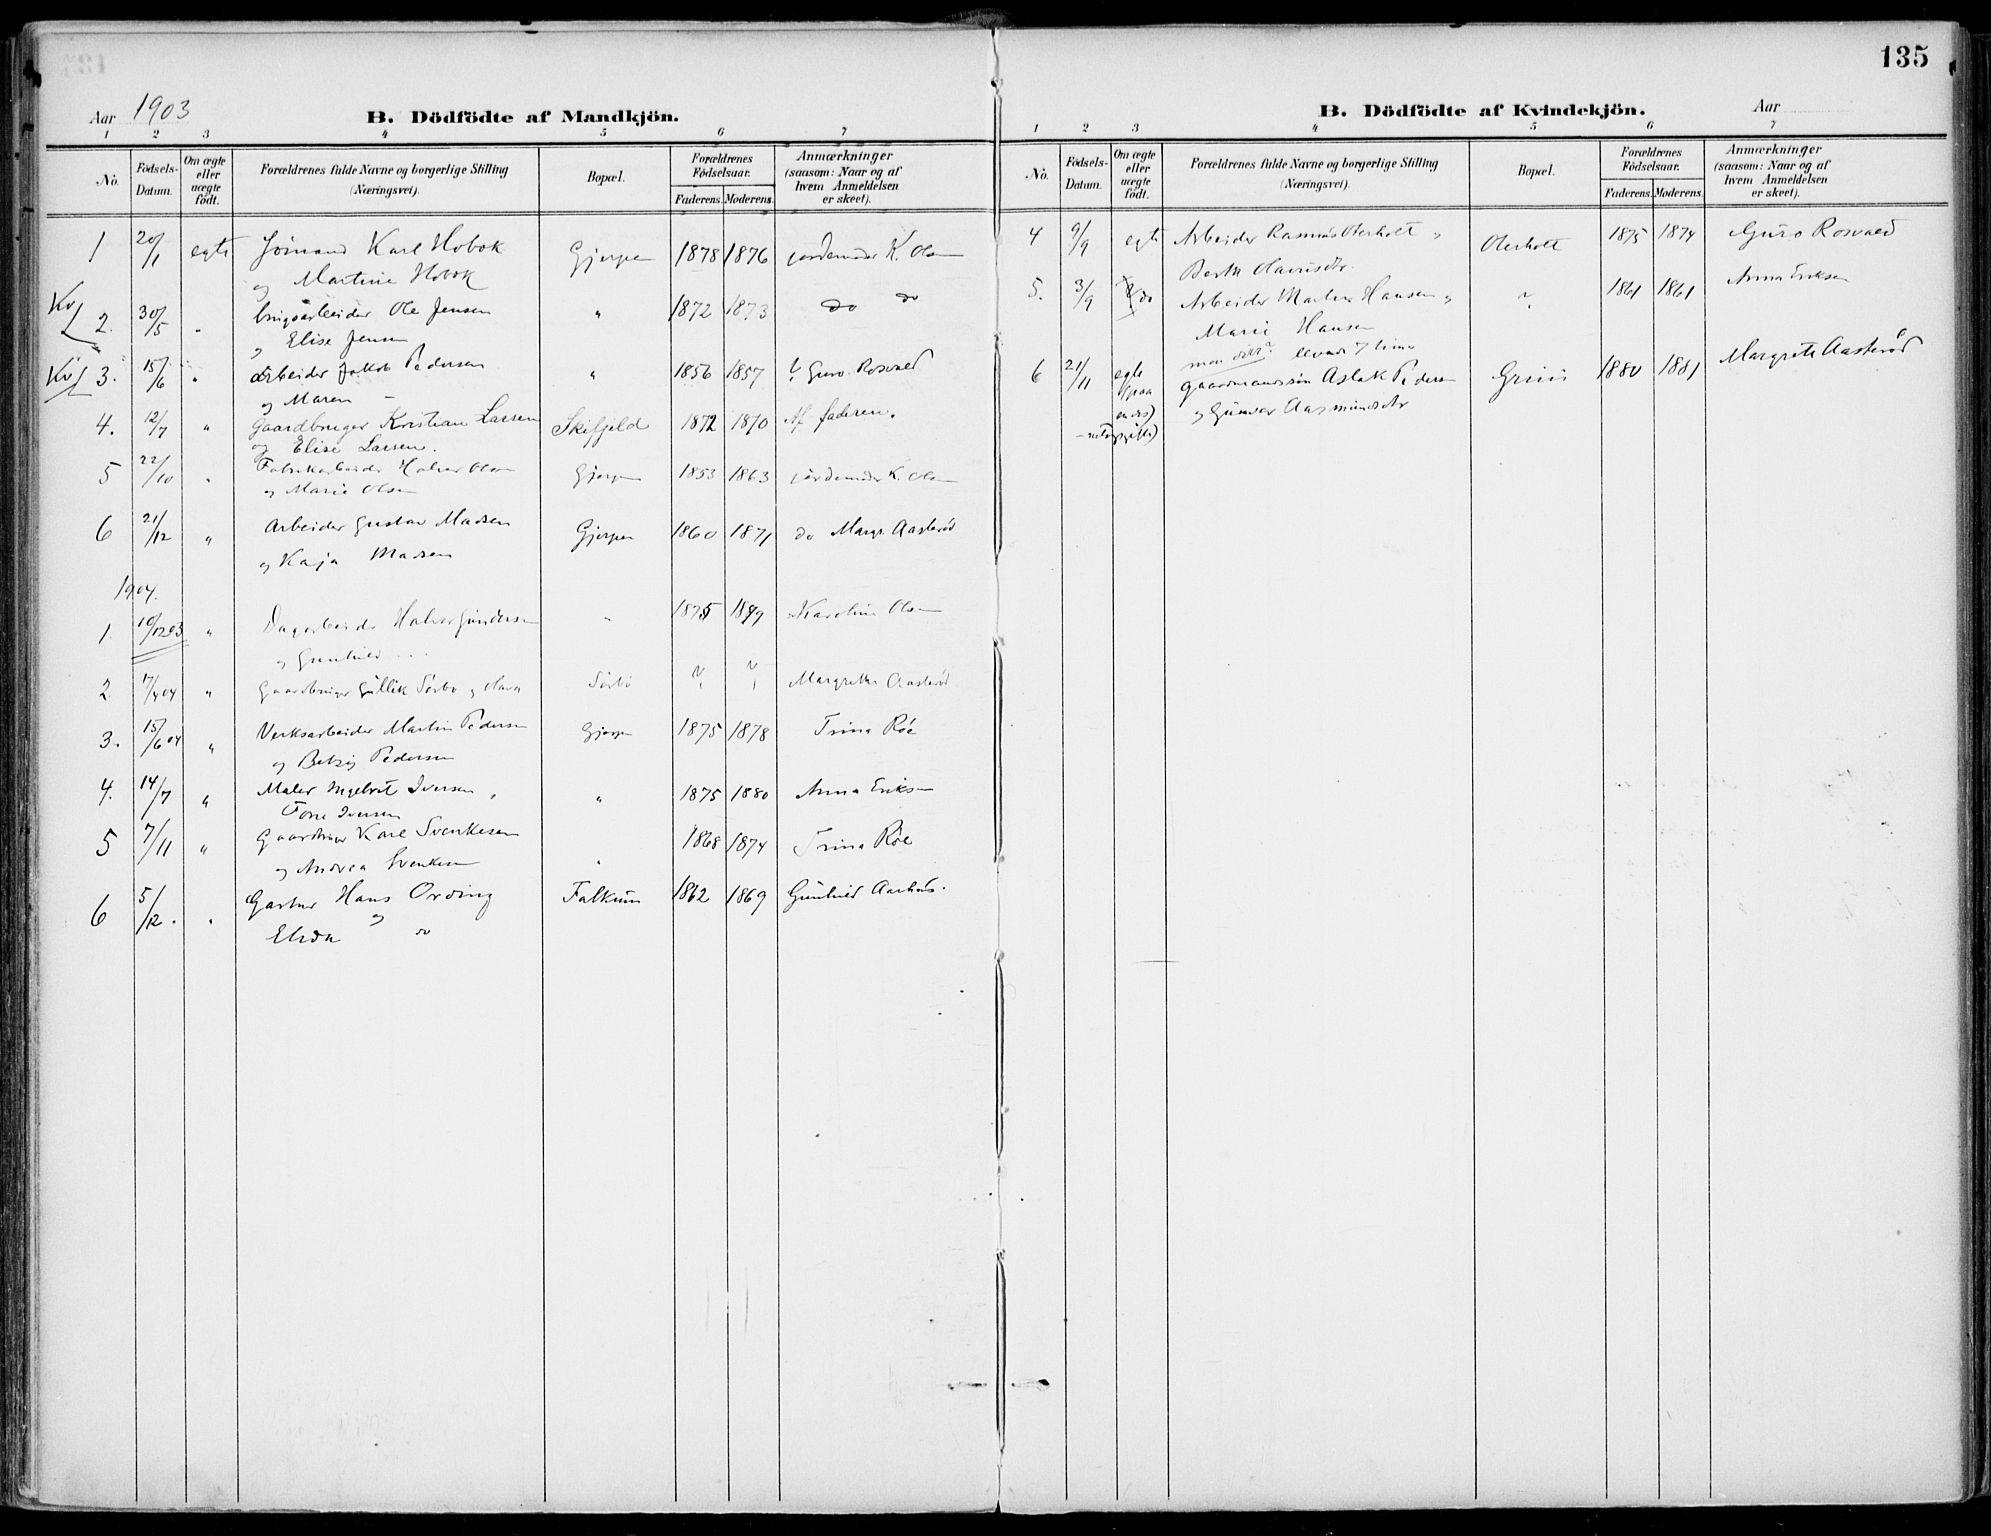 SAKO, Gjerpen kirkebøker, F/Fa/L0011: Ministerialbok nr. 11, 1896-1904, s. 135